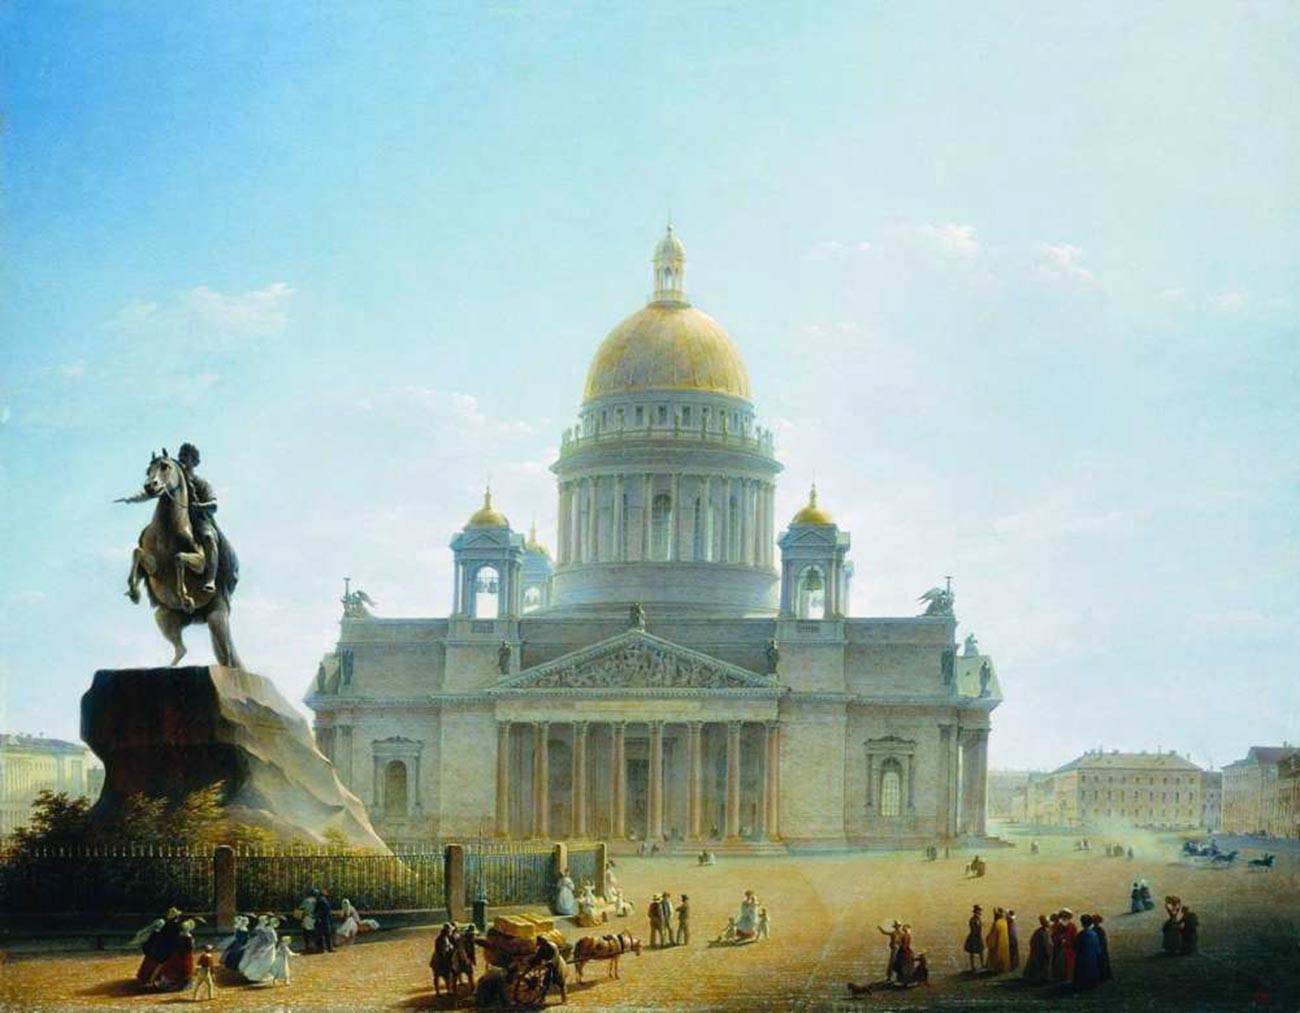 聖イサアク大聖堂とピョートル1世の銅像、1844年